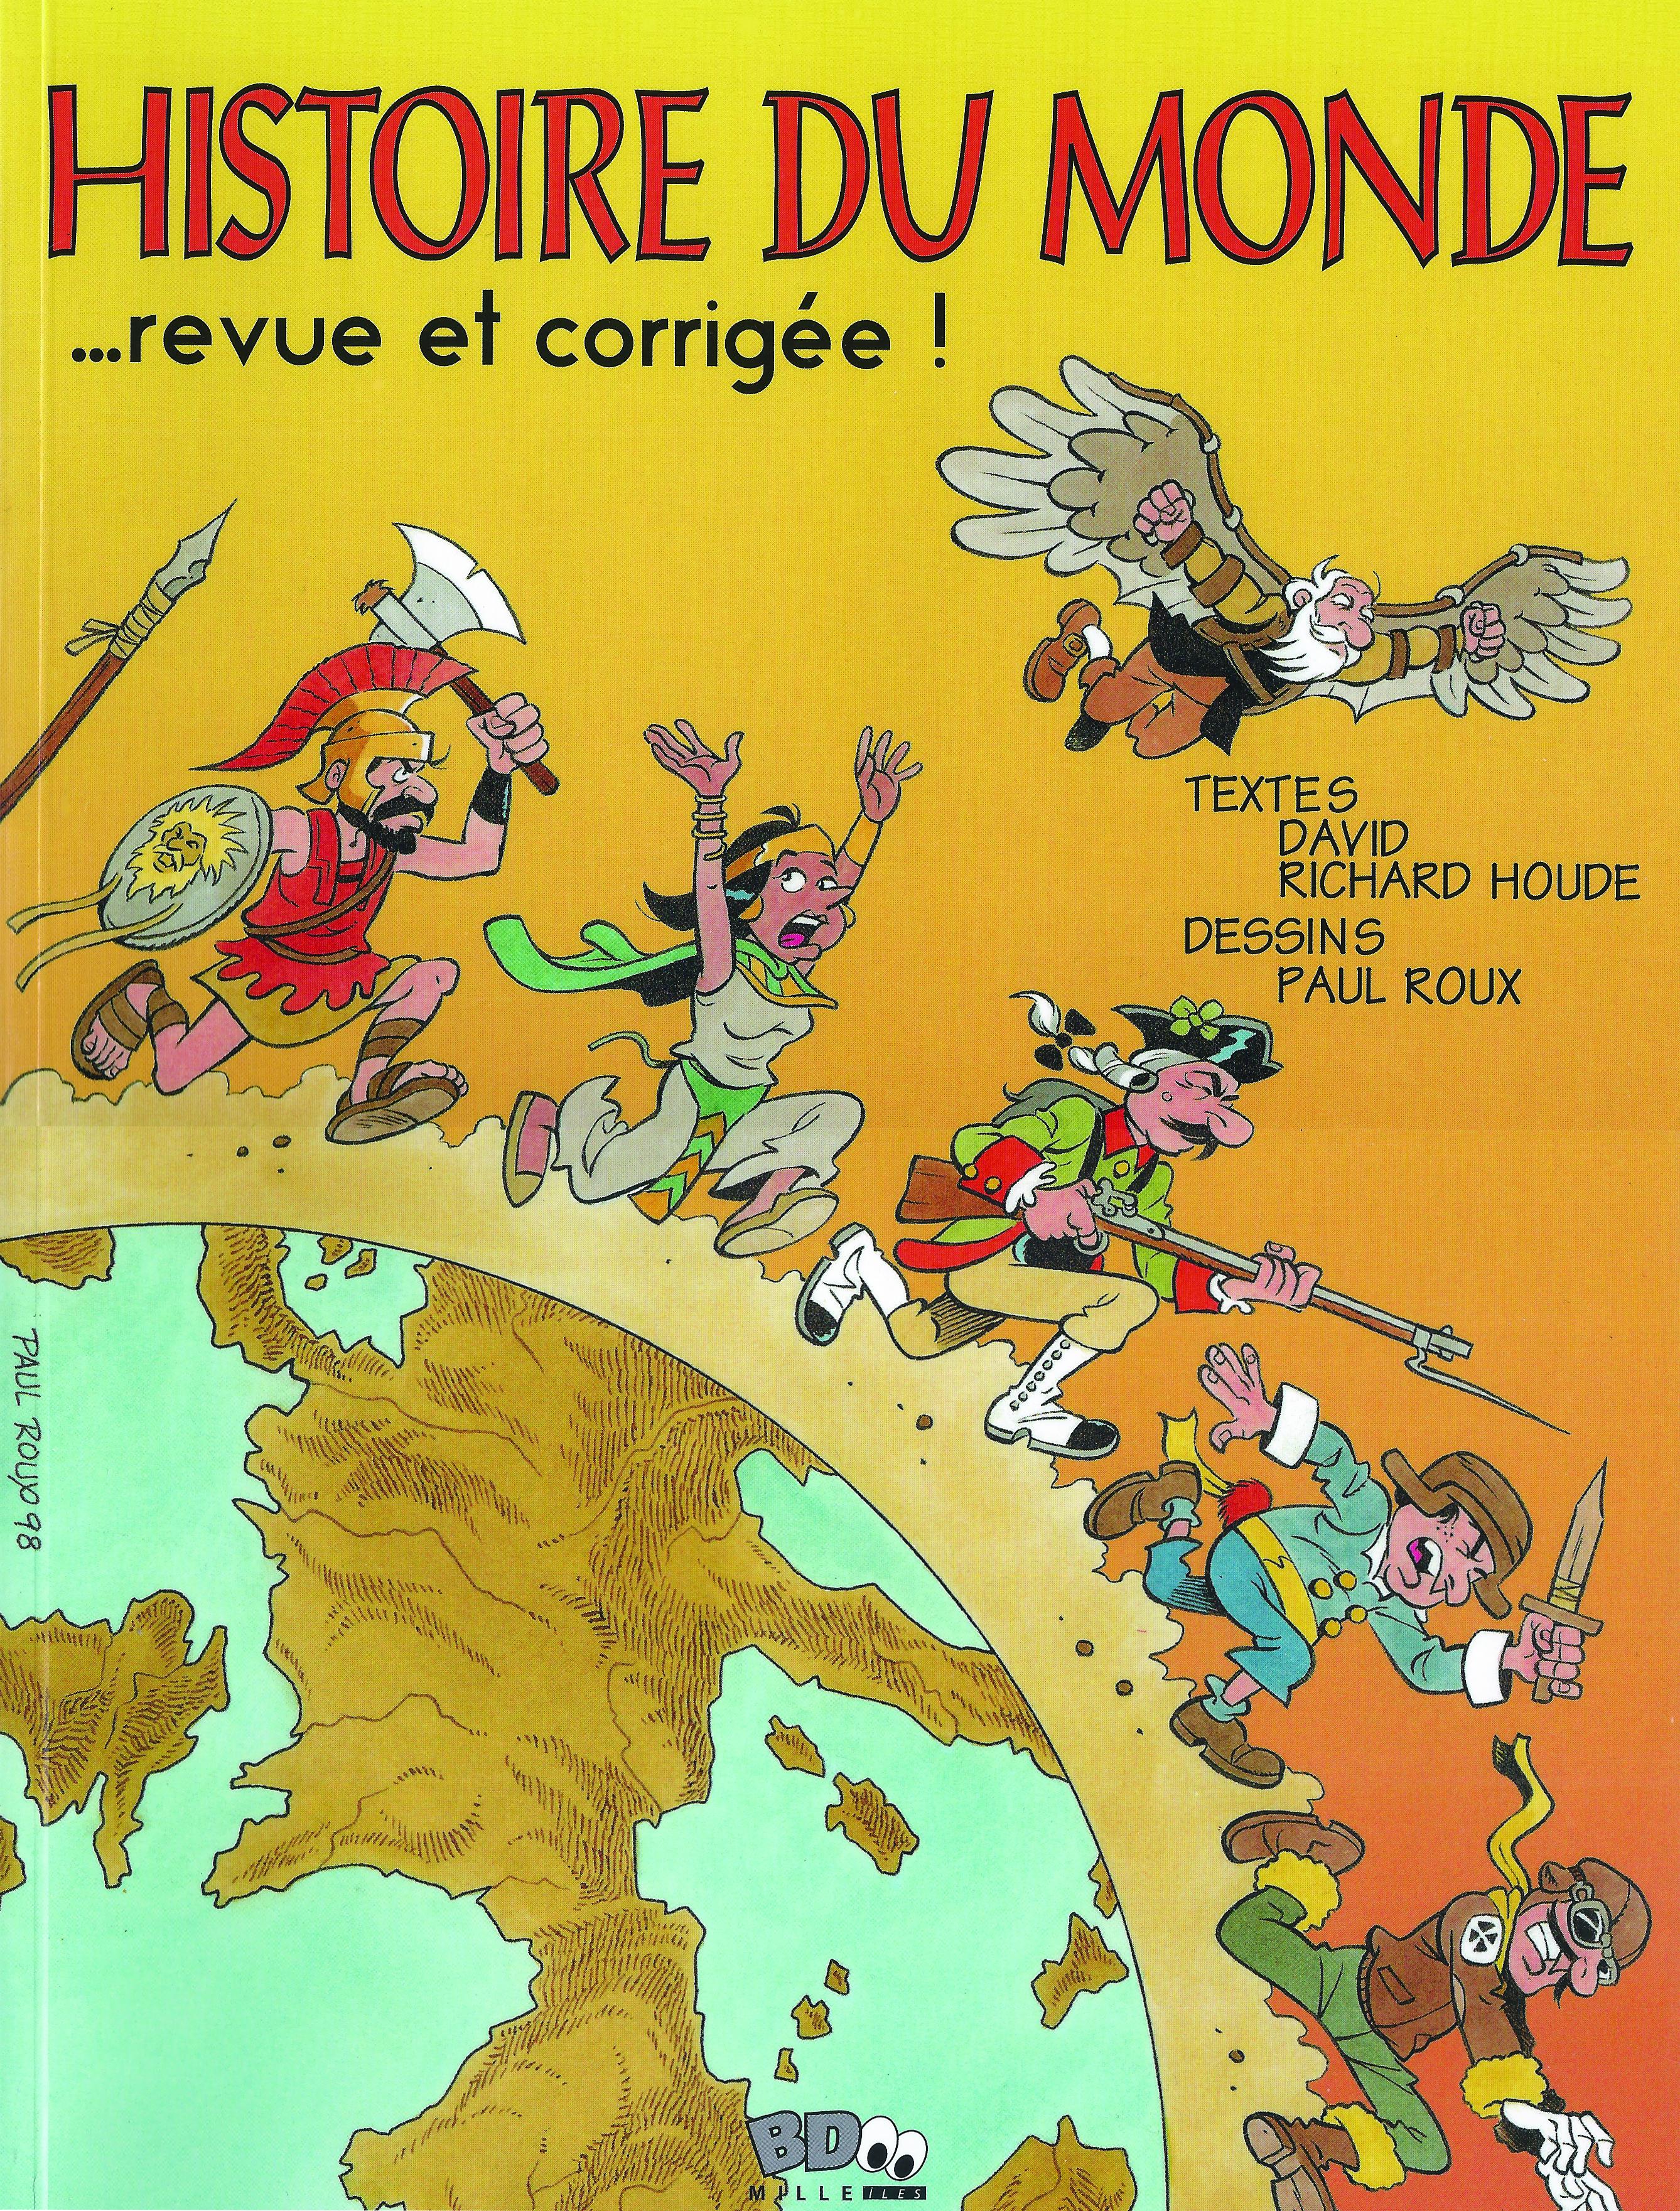 Histoire du monde– revue et corrigée!